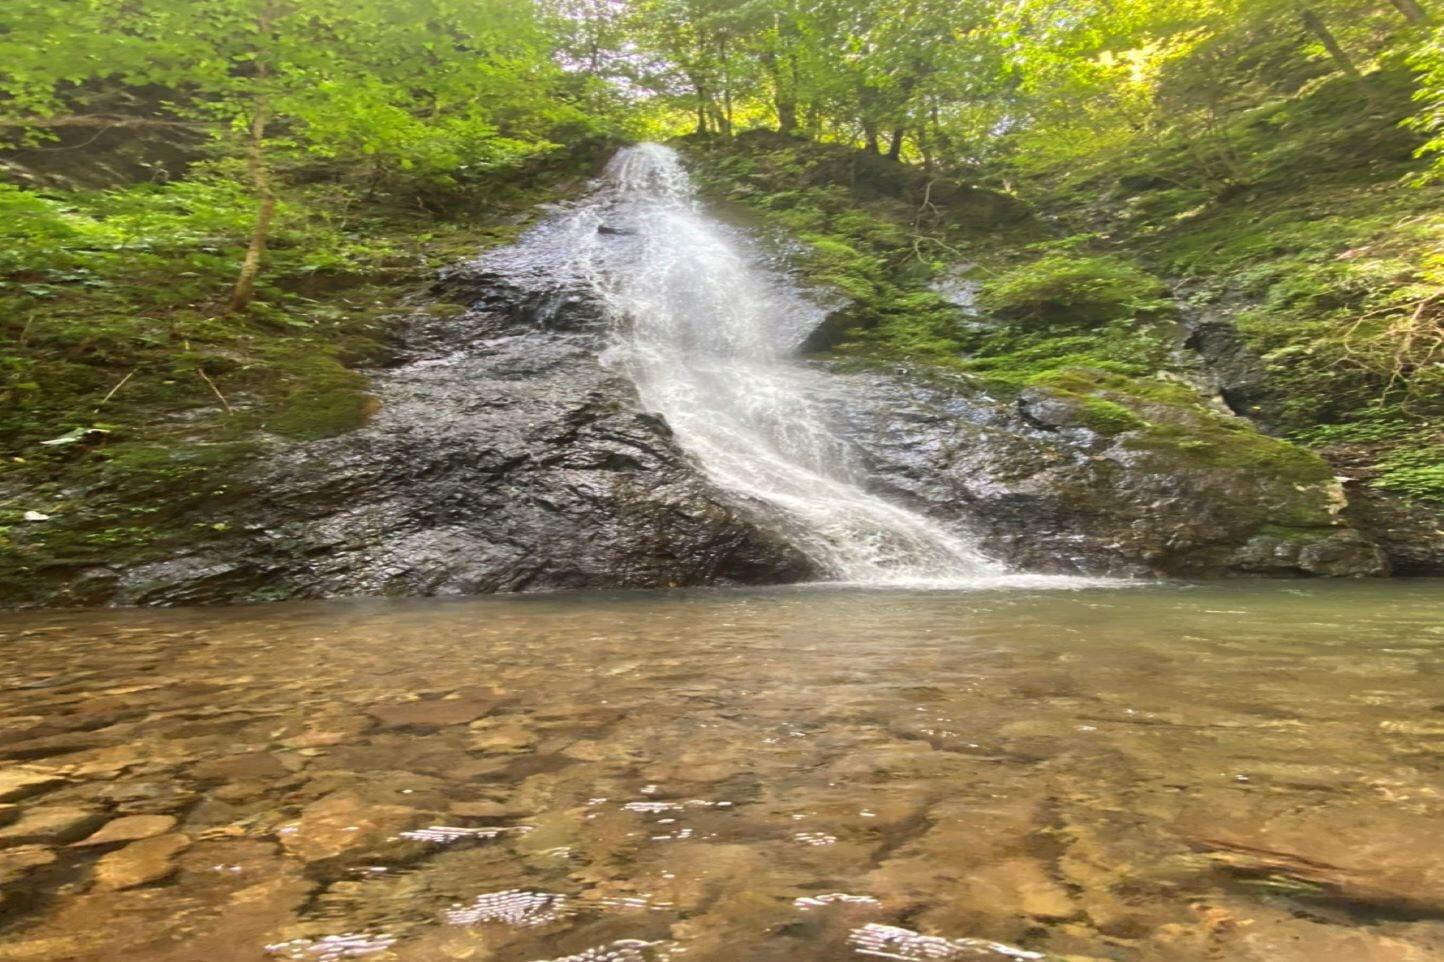 御手洗の滝 スライダー画像1